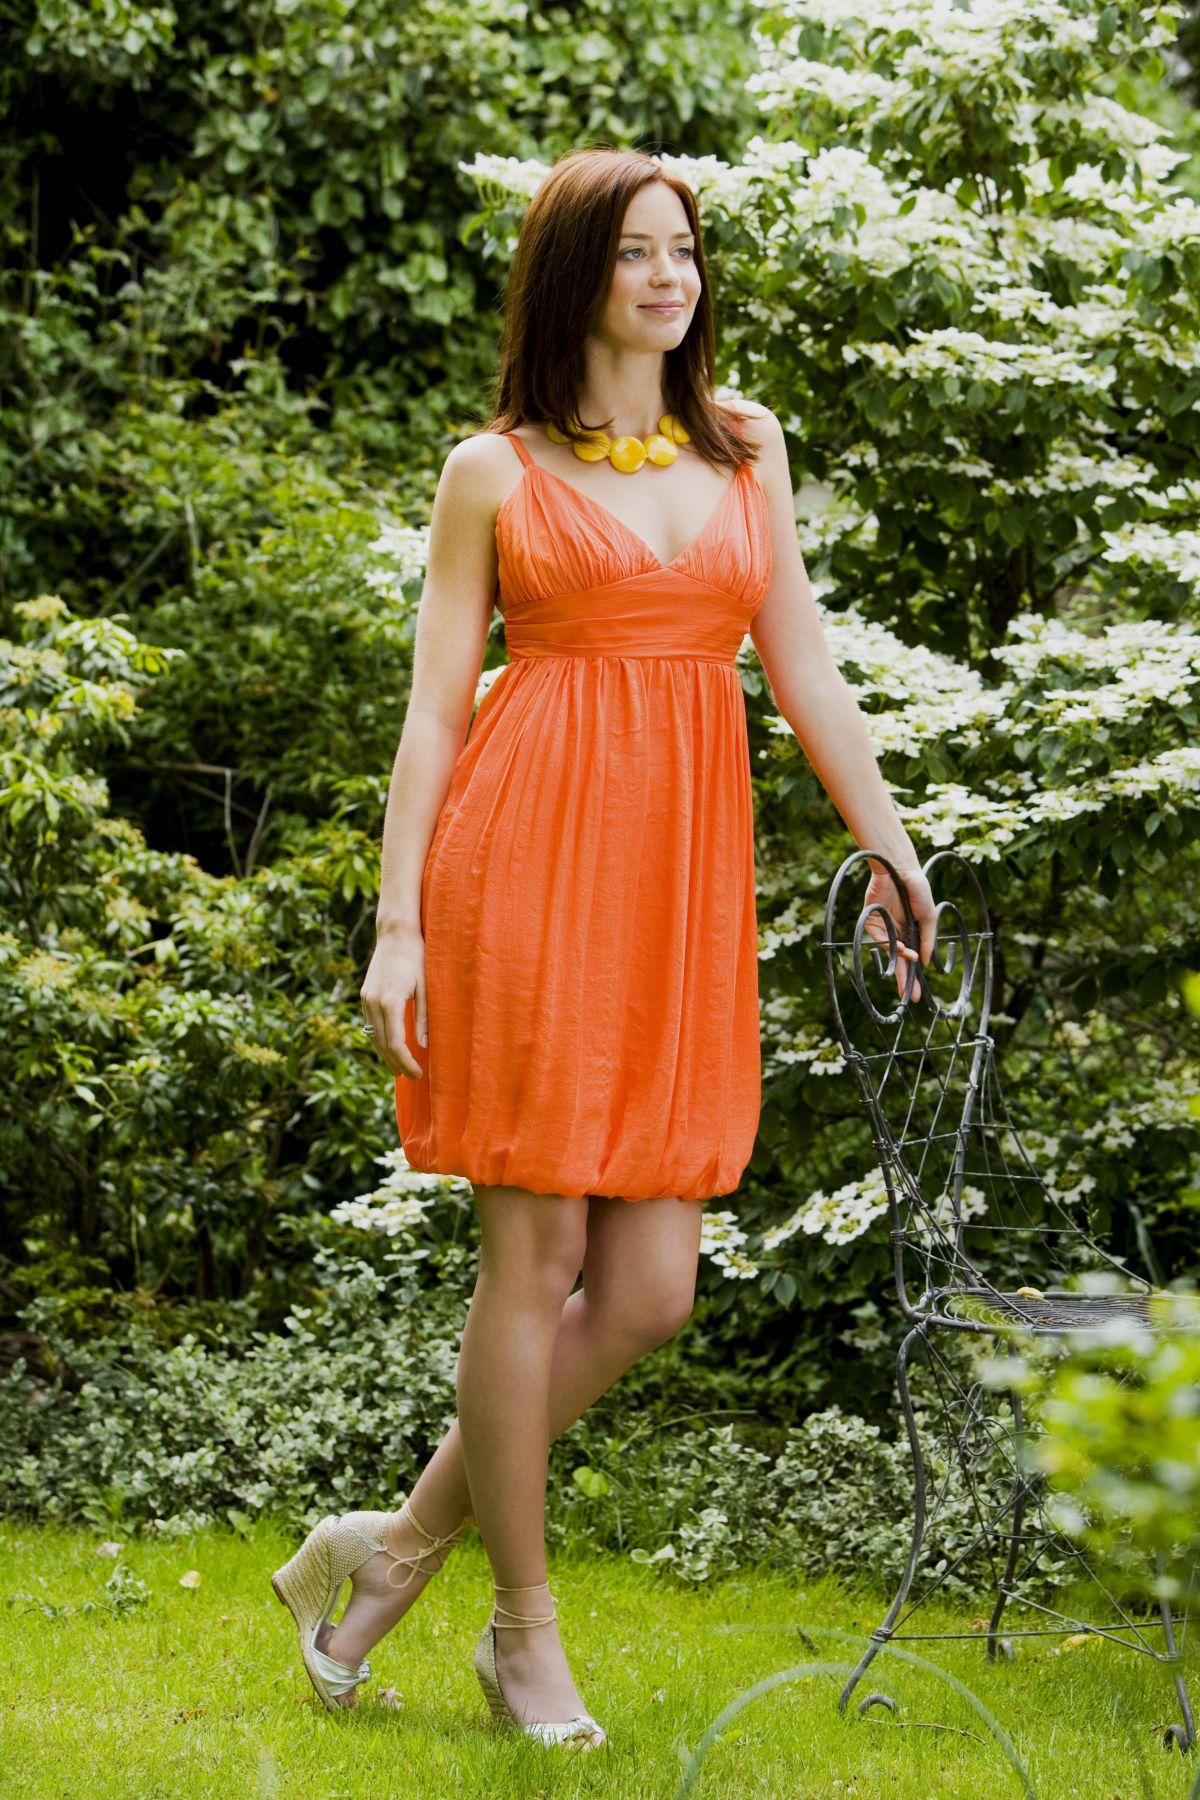 EMILY BLUNT by Alex James Photoshoot - HawtCelebs - HawtCelebs